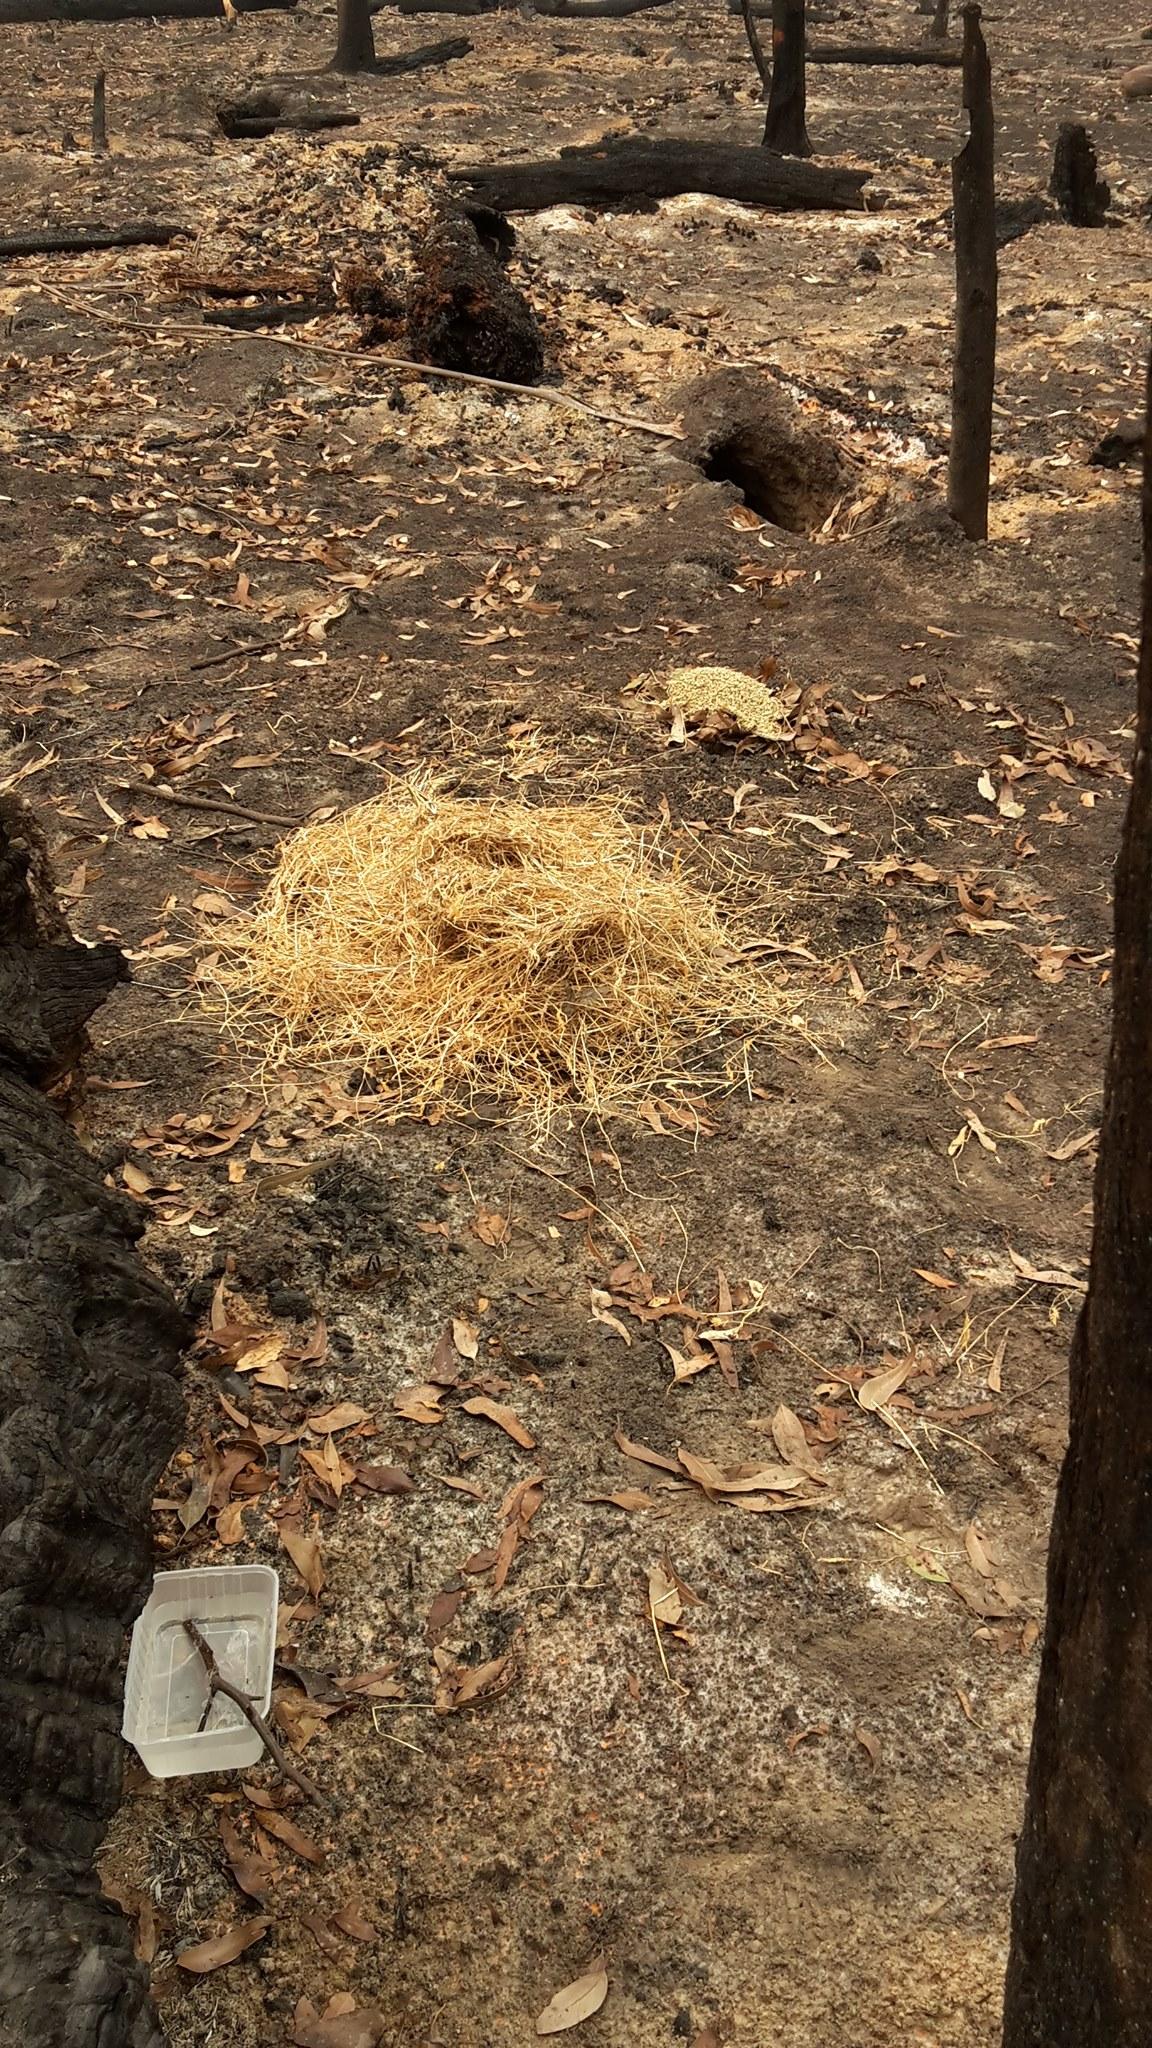 wombat_burrow.jpg